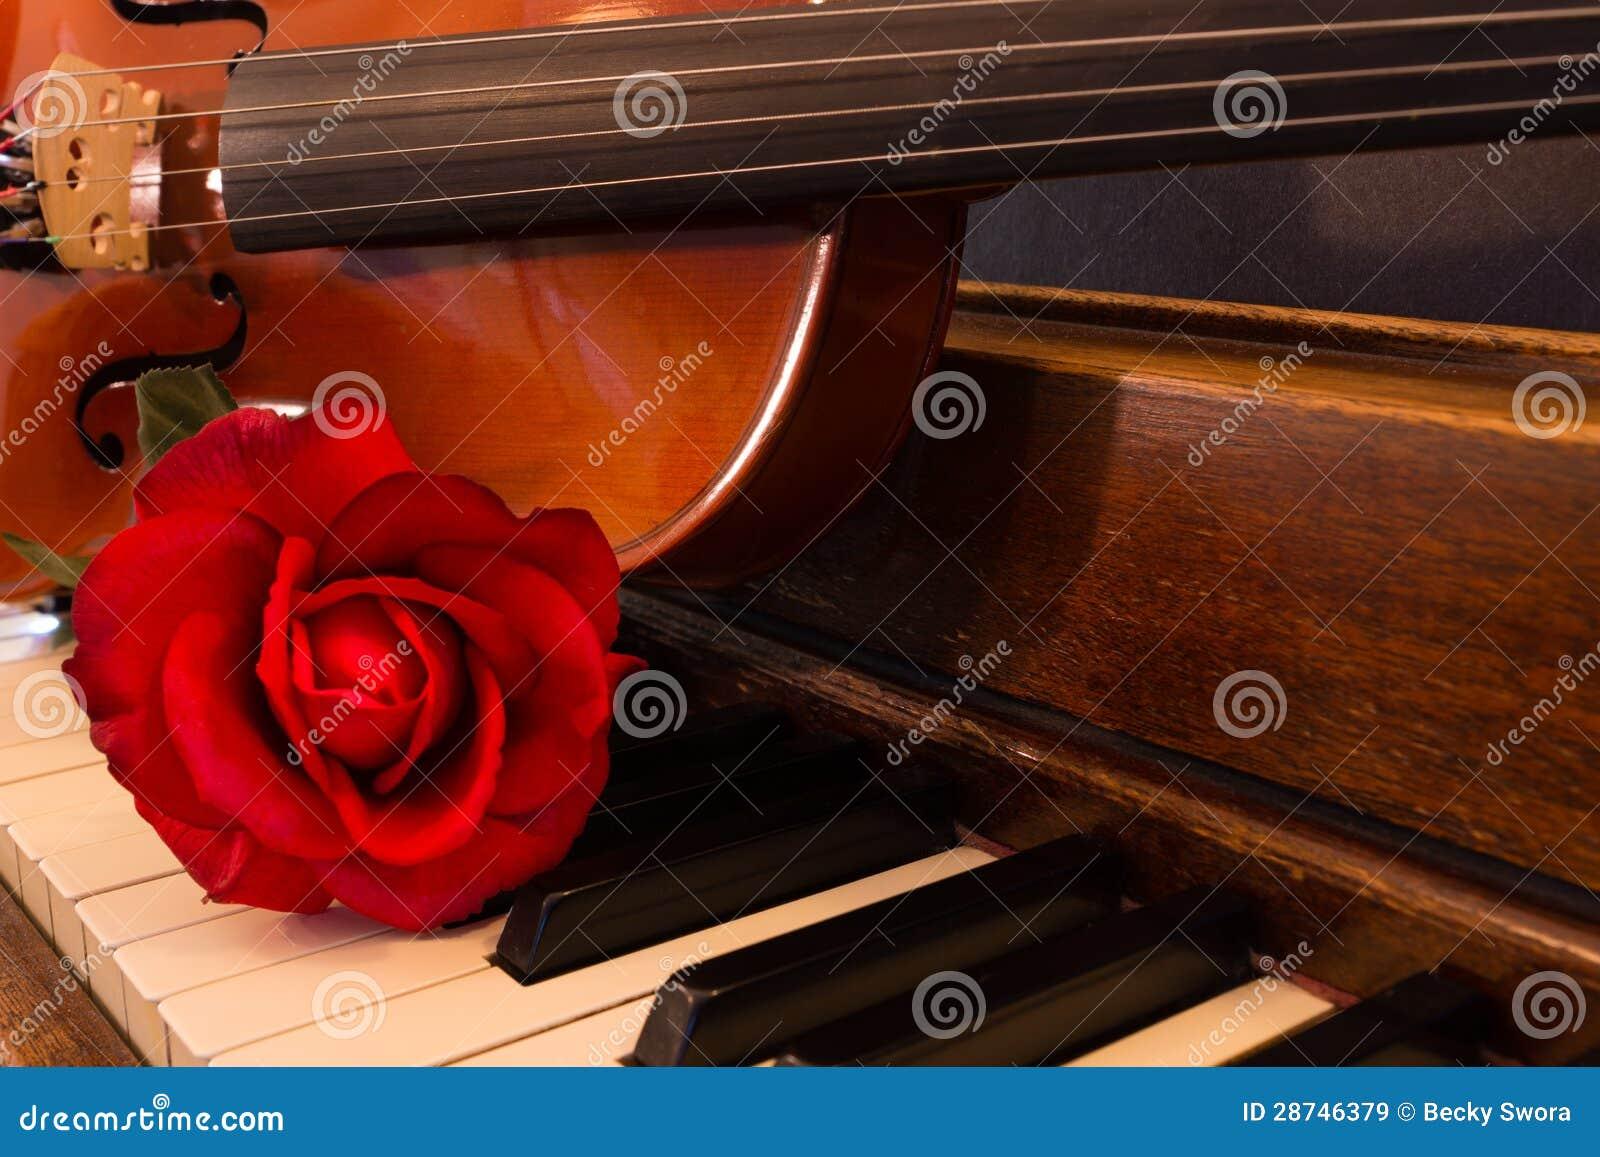 Violon, piano, et Rose